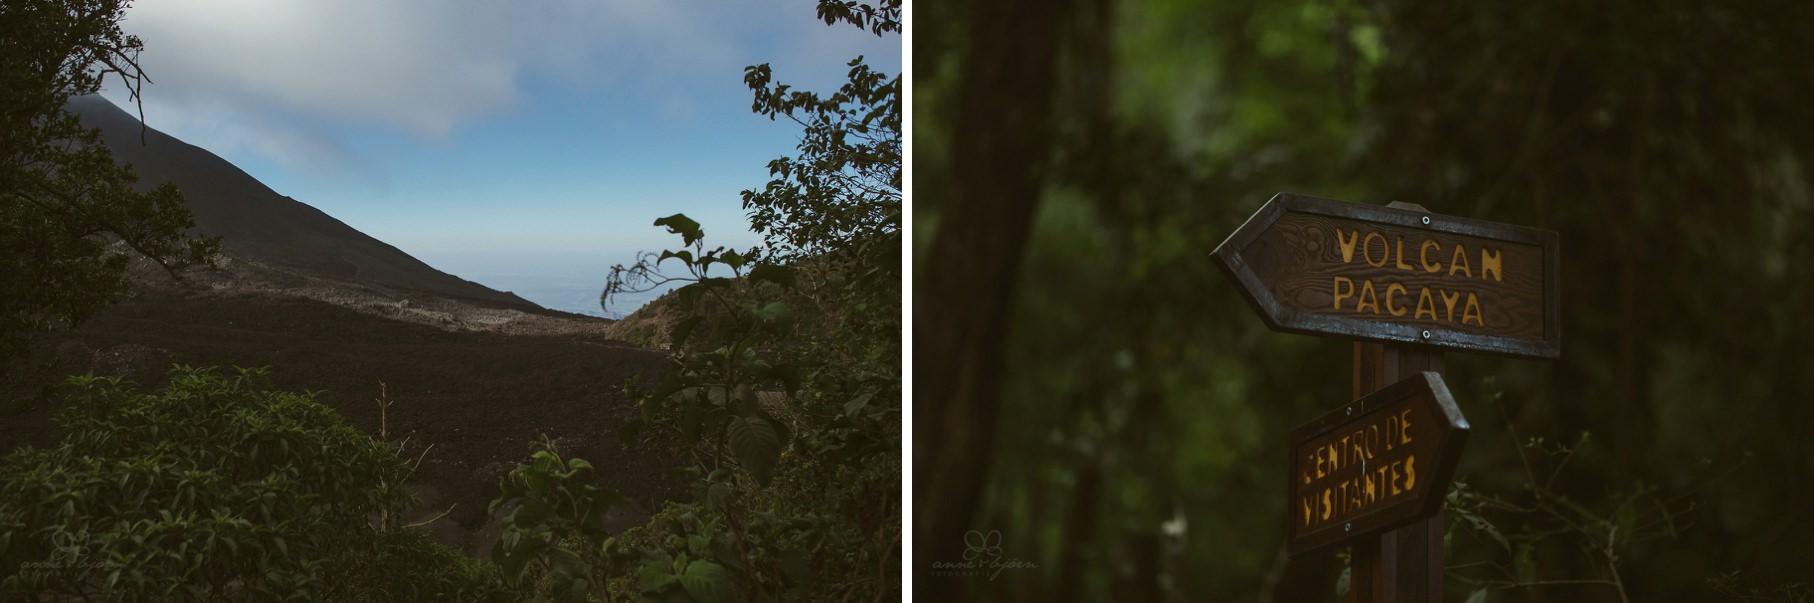 0061 anne und bjoern guatemala d75 9446 - 4 Wochen durch Guatemala - backpacking durch Mittelamerika